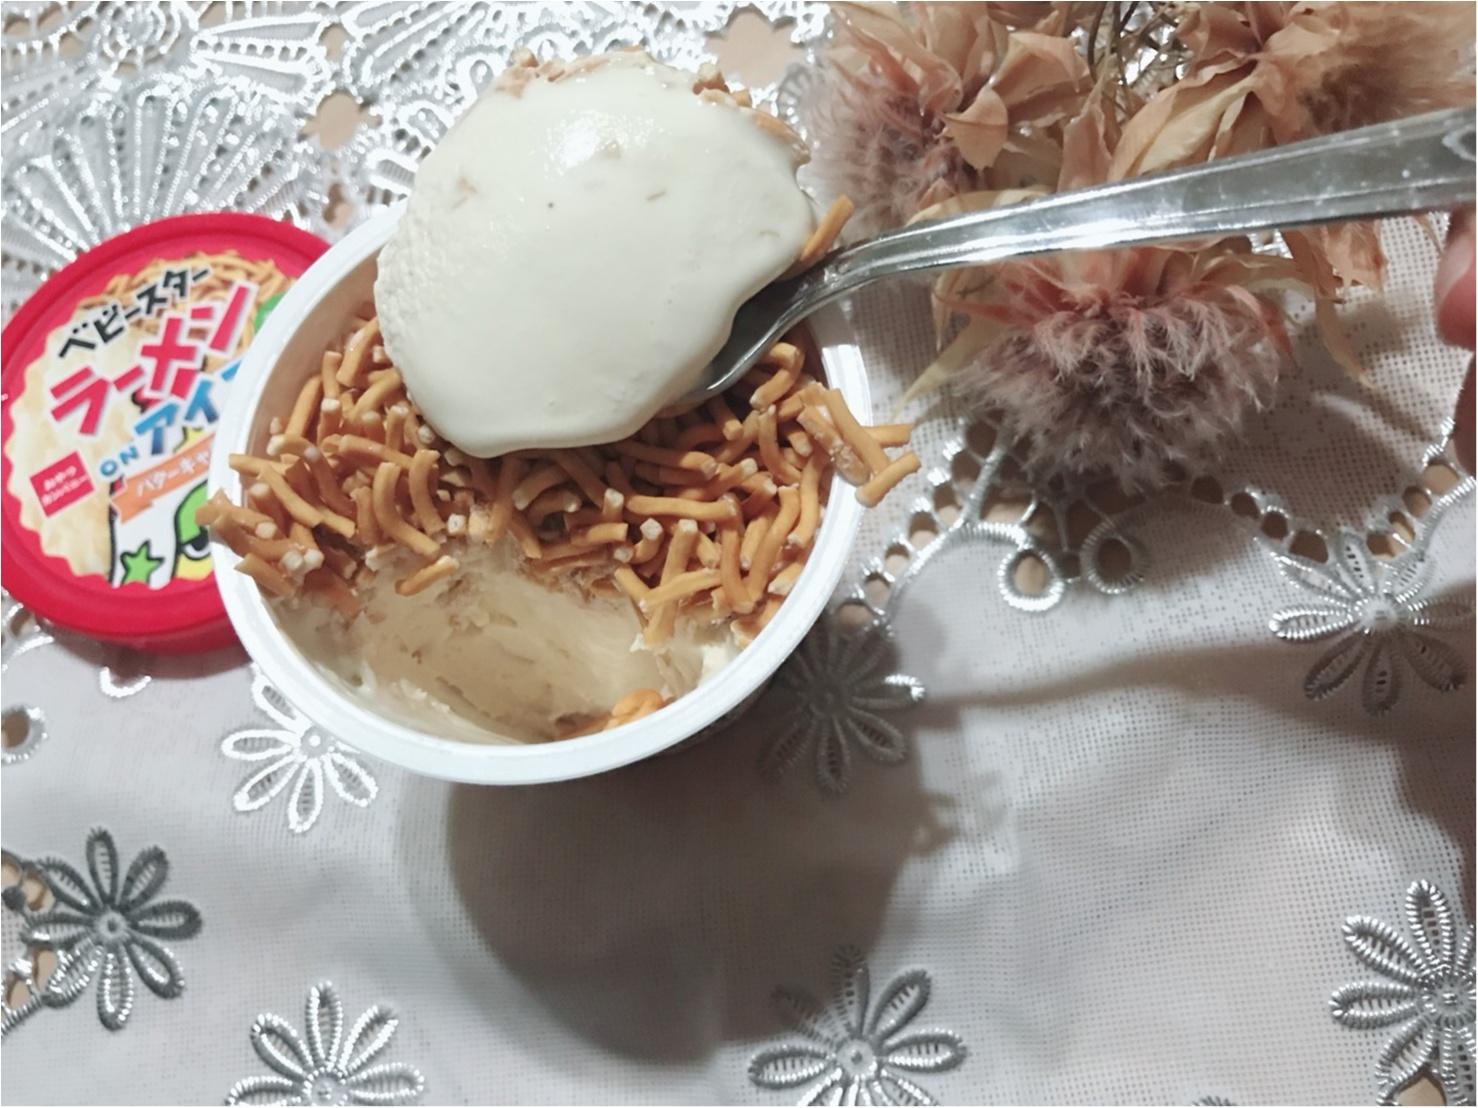 「私は何を食べているんだ?」話題の衝撃作 #ベビースターラーメンonアイス 実食レビュー!あり?なし?_3